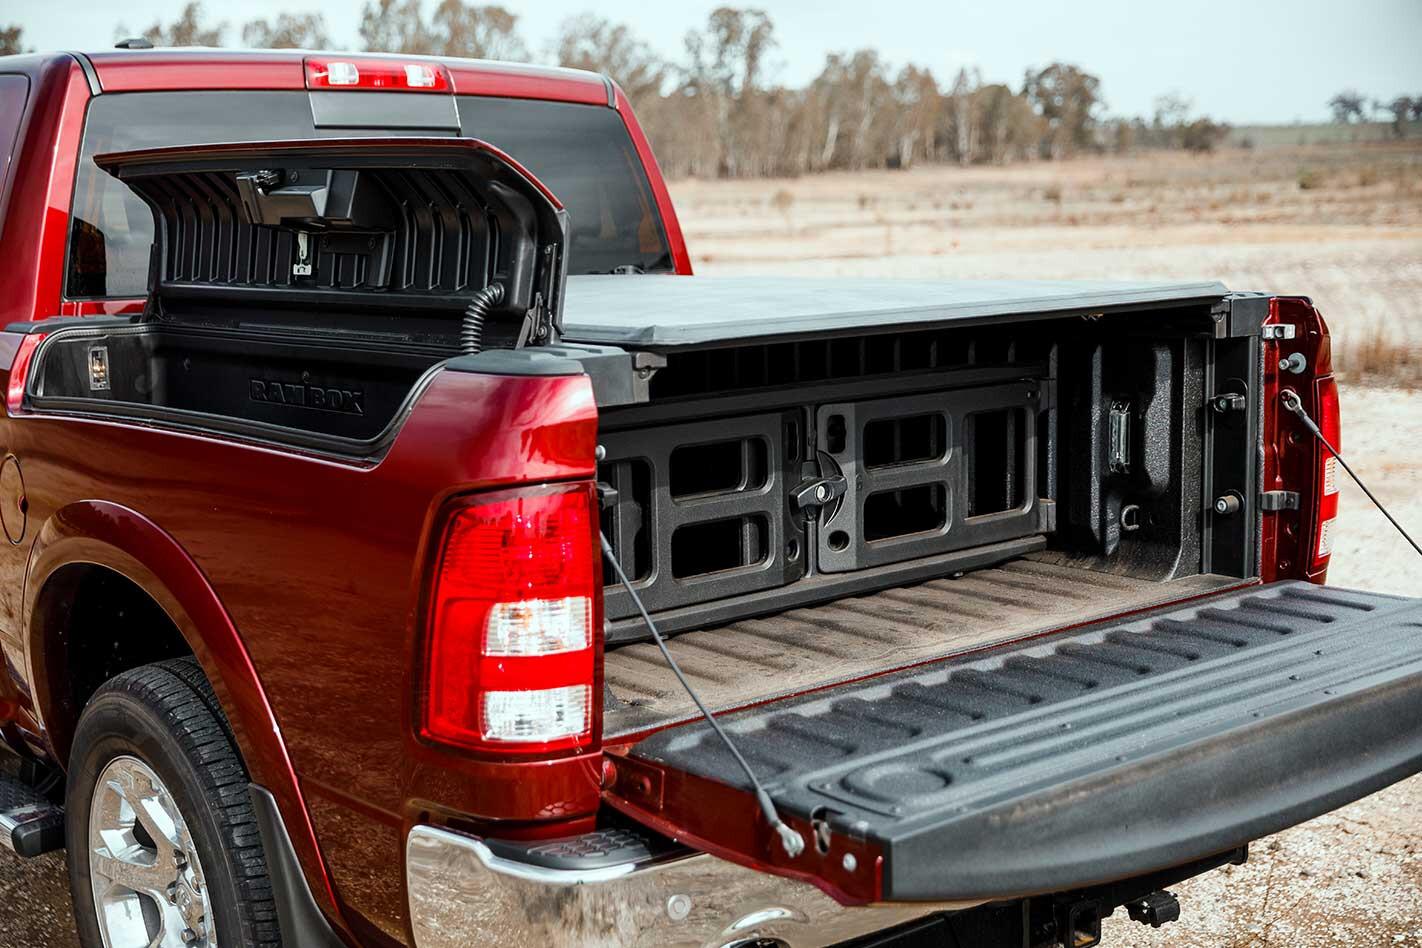 Ram 1500 rear tray